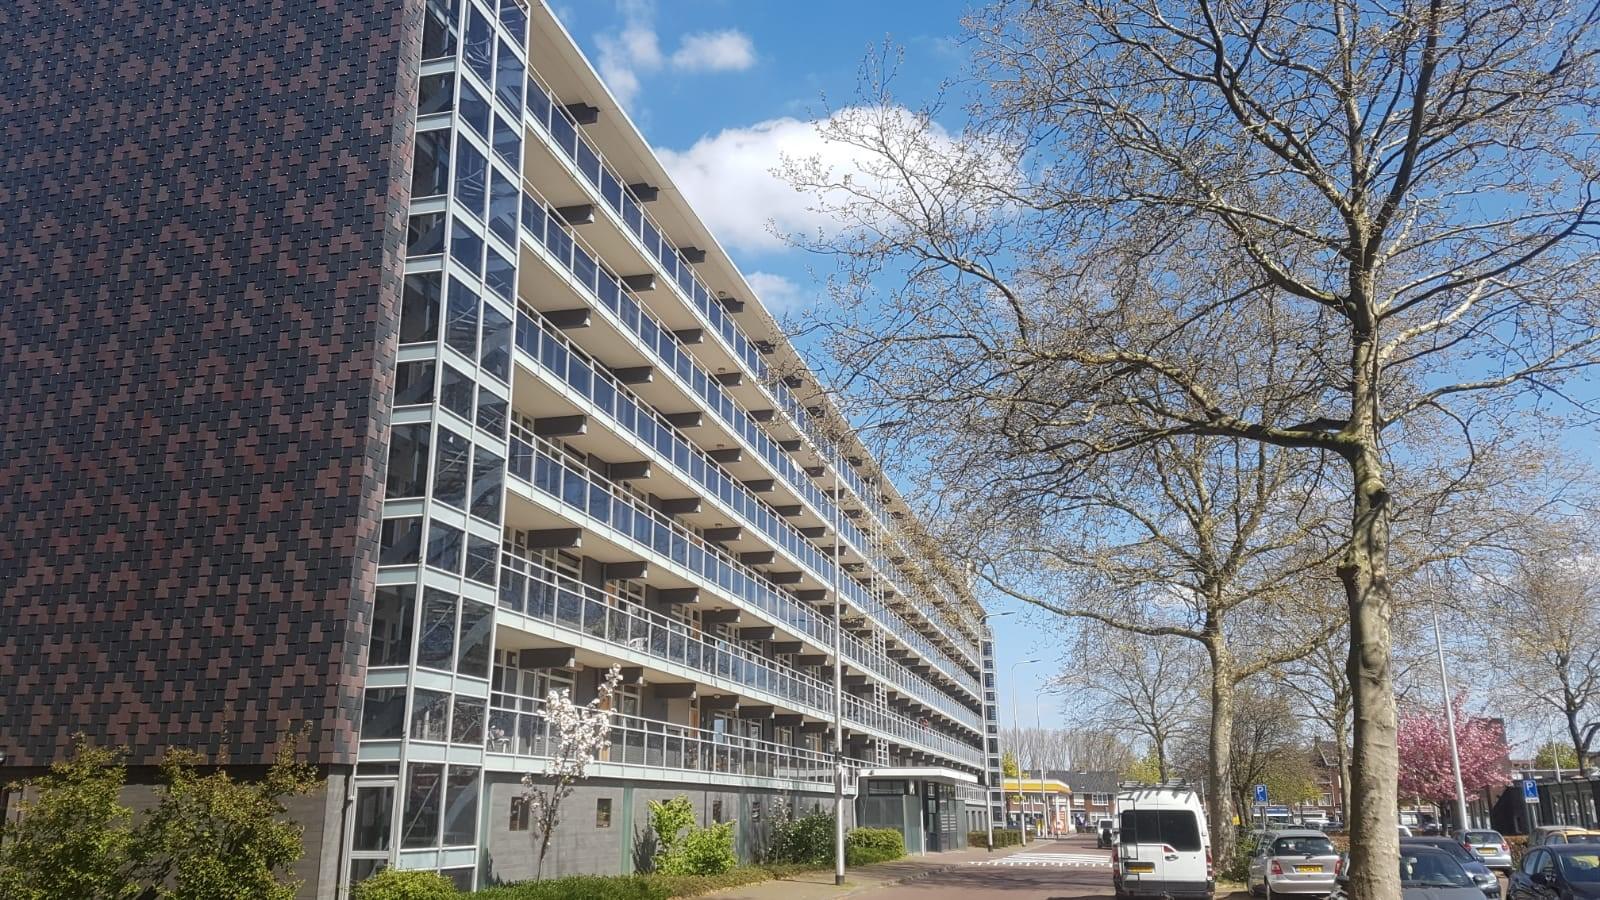 Reiniging flats en appartementen - Arnhem